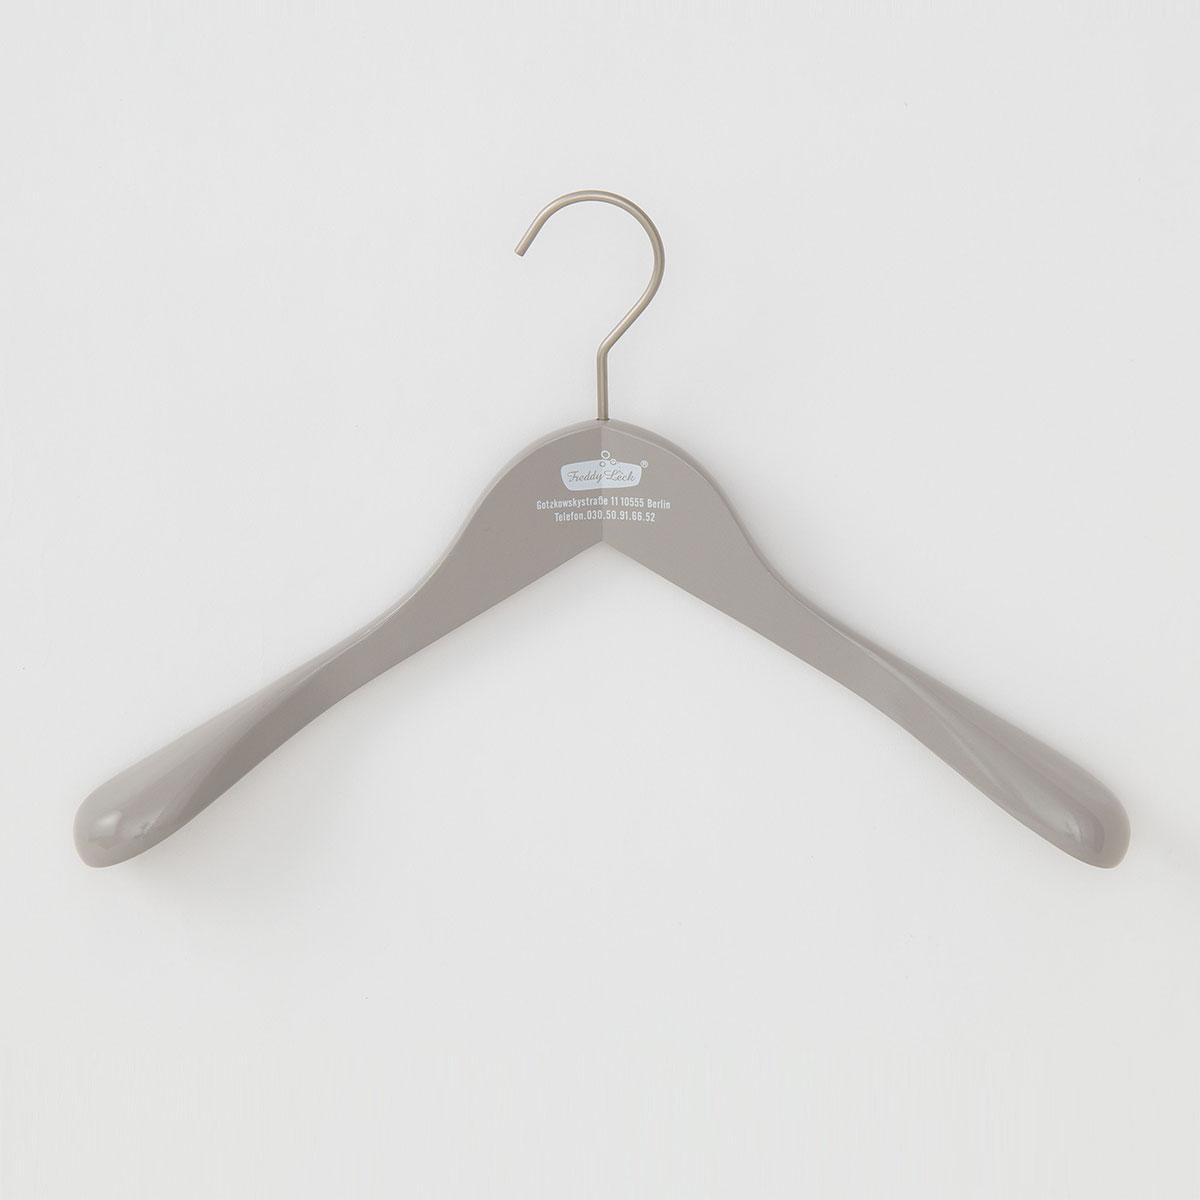 女性向けの少し小さめの木製ハンガー。 形崩れを防ぎたい大切な衣類用にお使いください。